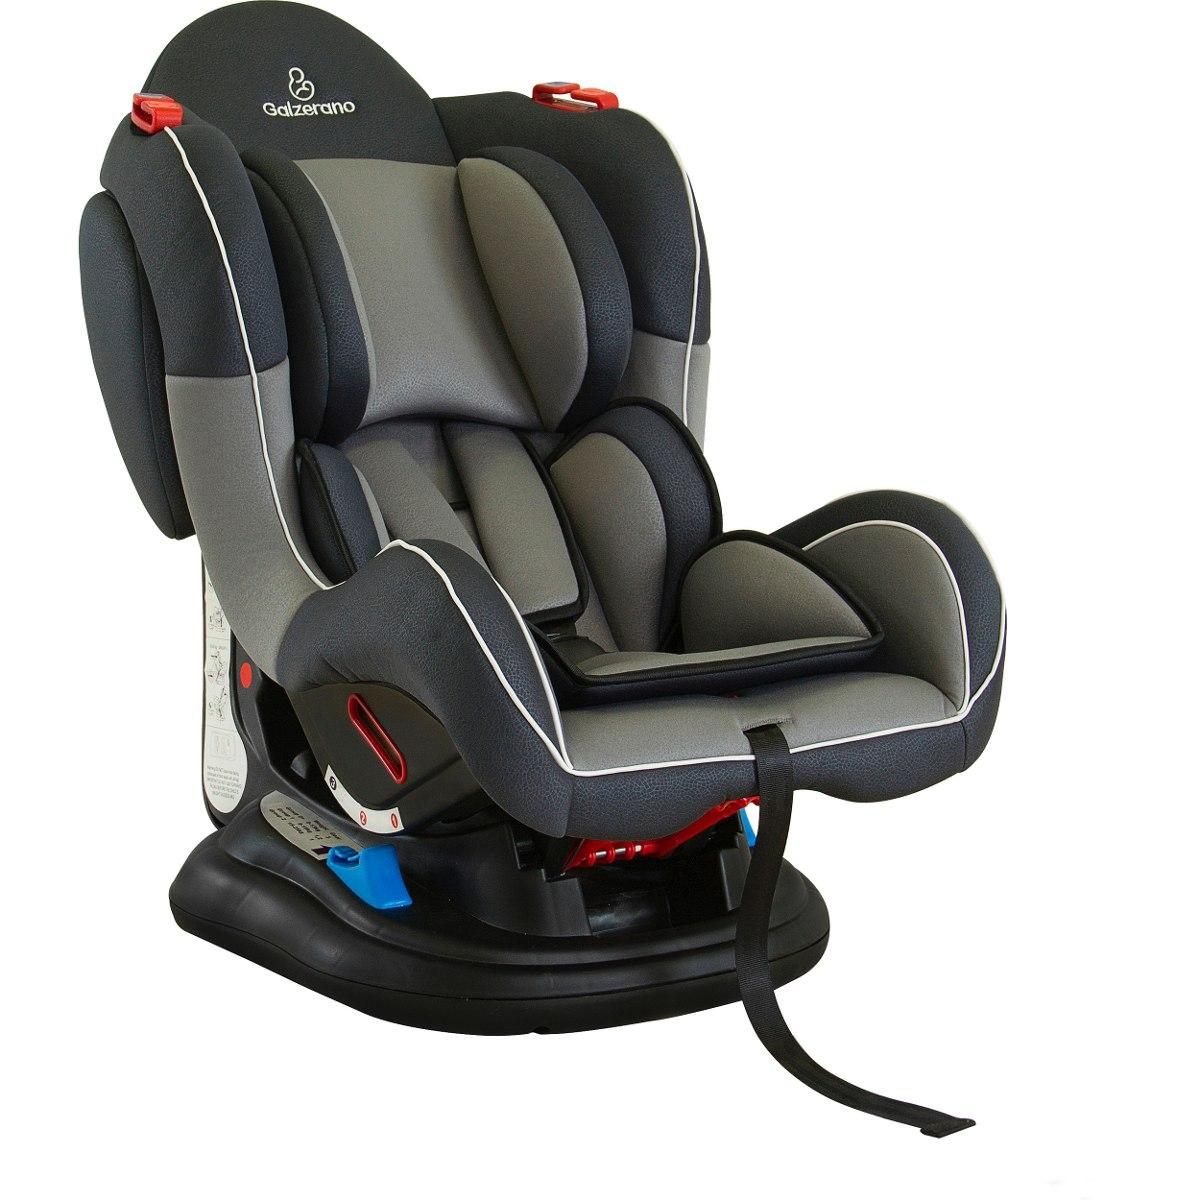 Cadeira Auto Galzerano Transbaby 0 25 Kg Preta R$ 699 00 em Mercado  #0372C0 1200x1200